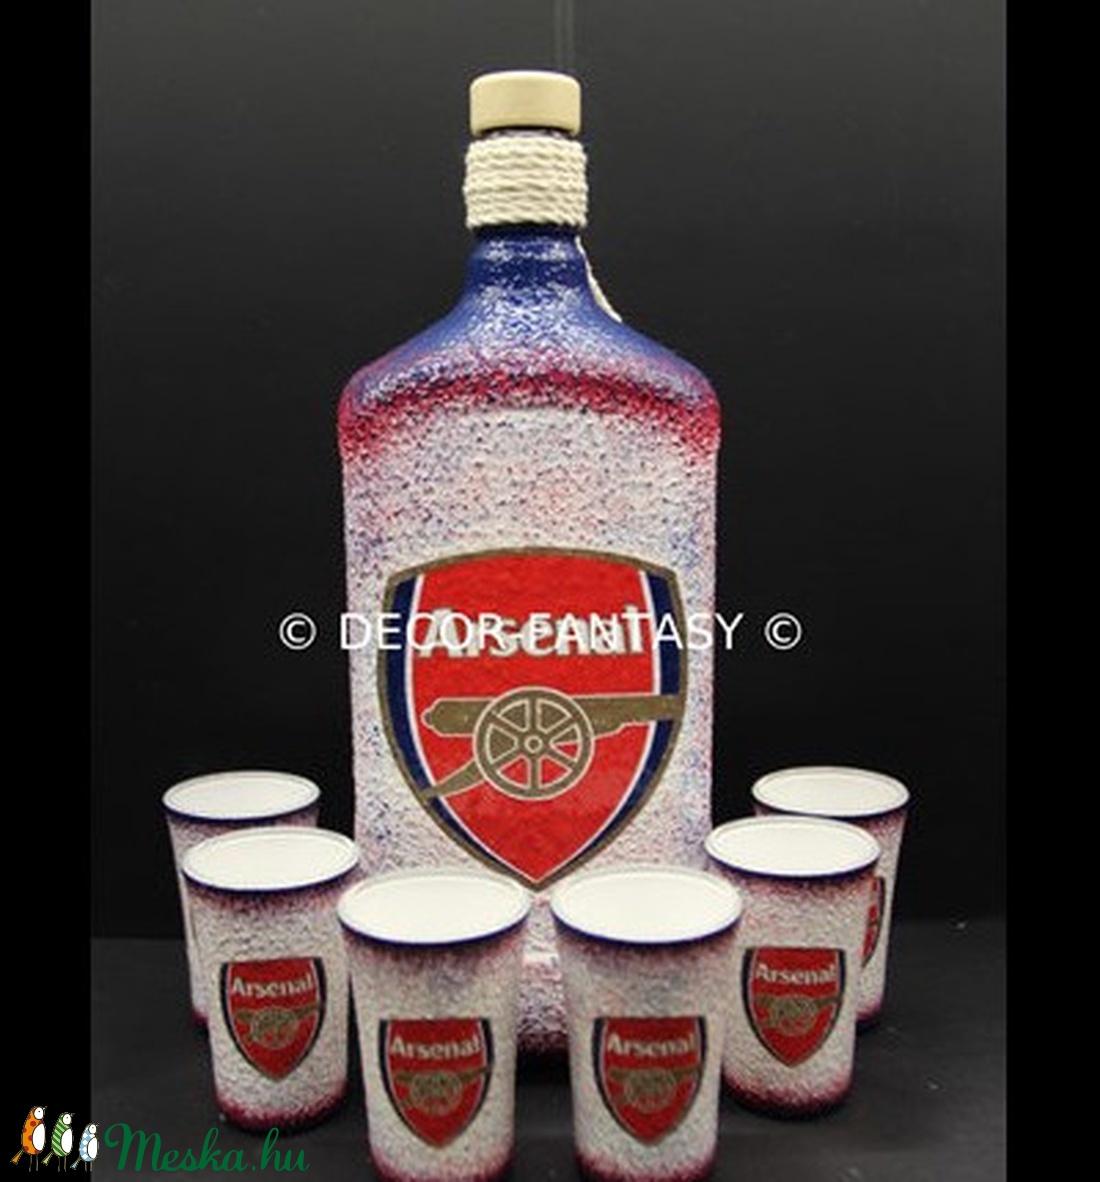 ARSENAL  emblémával díszített  italos szett ( 1,0 l üveg + 6x45 ml pohár  )  (decorfantasy) - Meska.hu